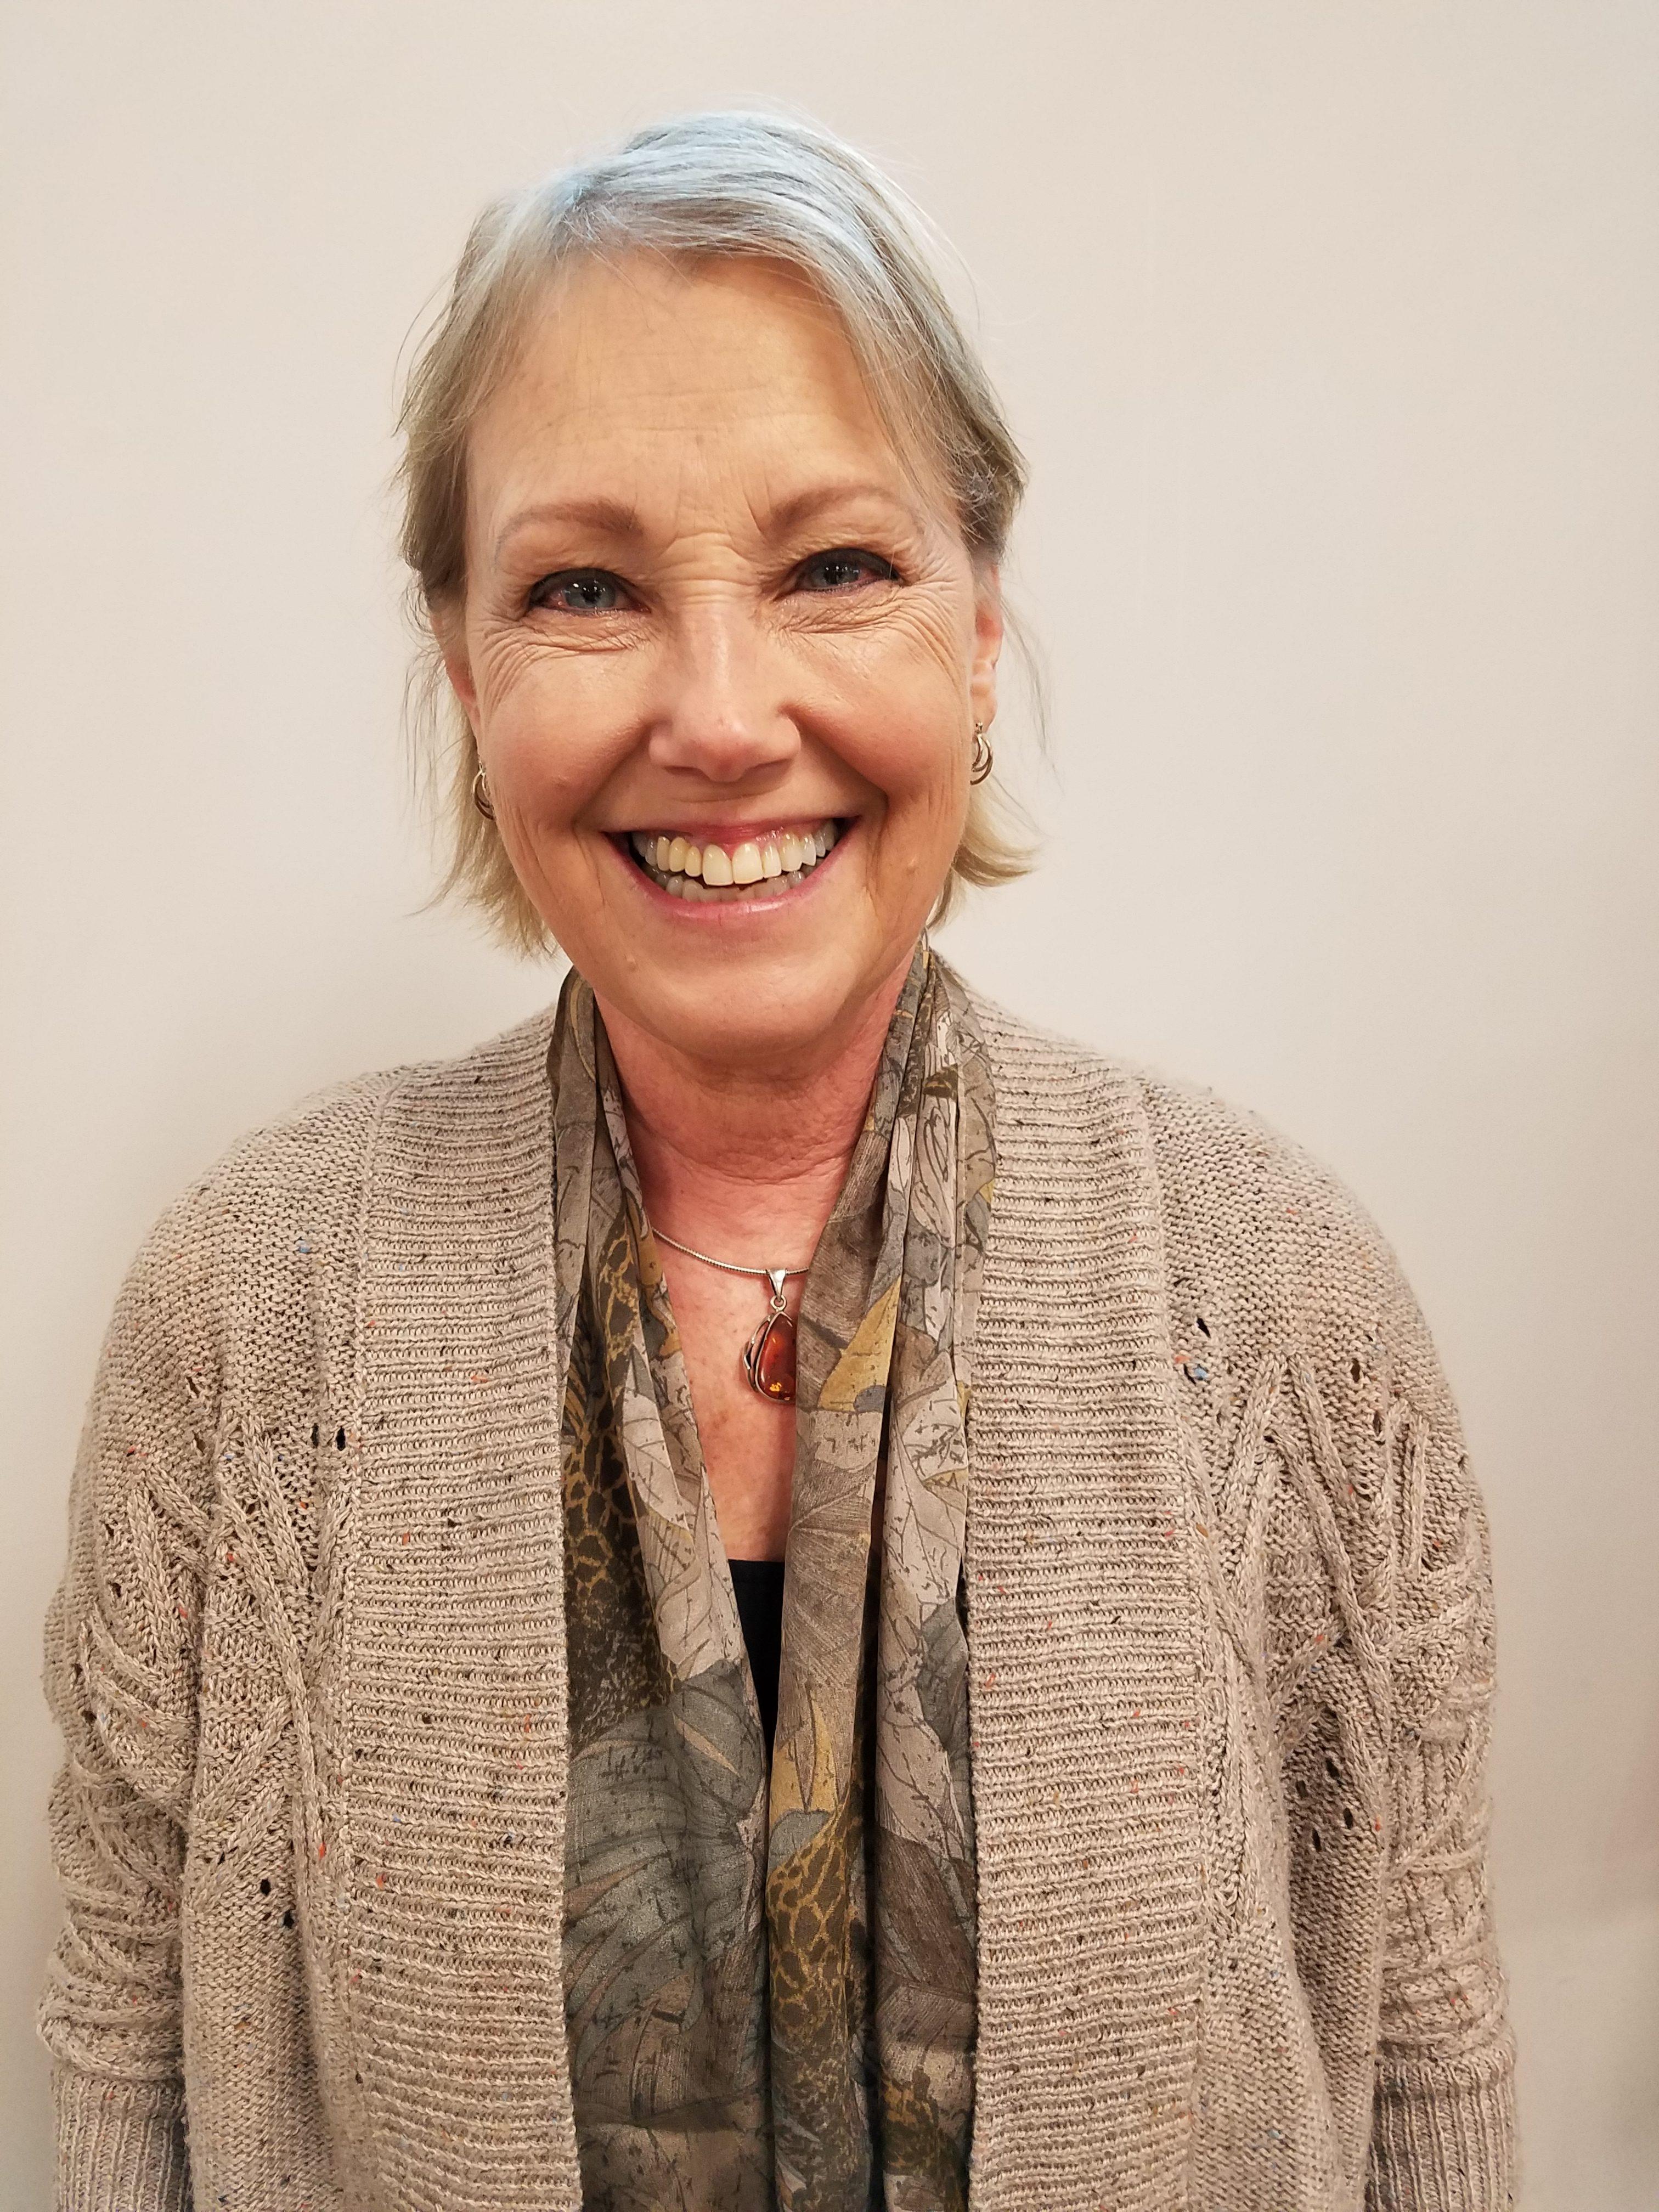 Marjorie Goosen